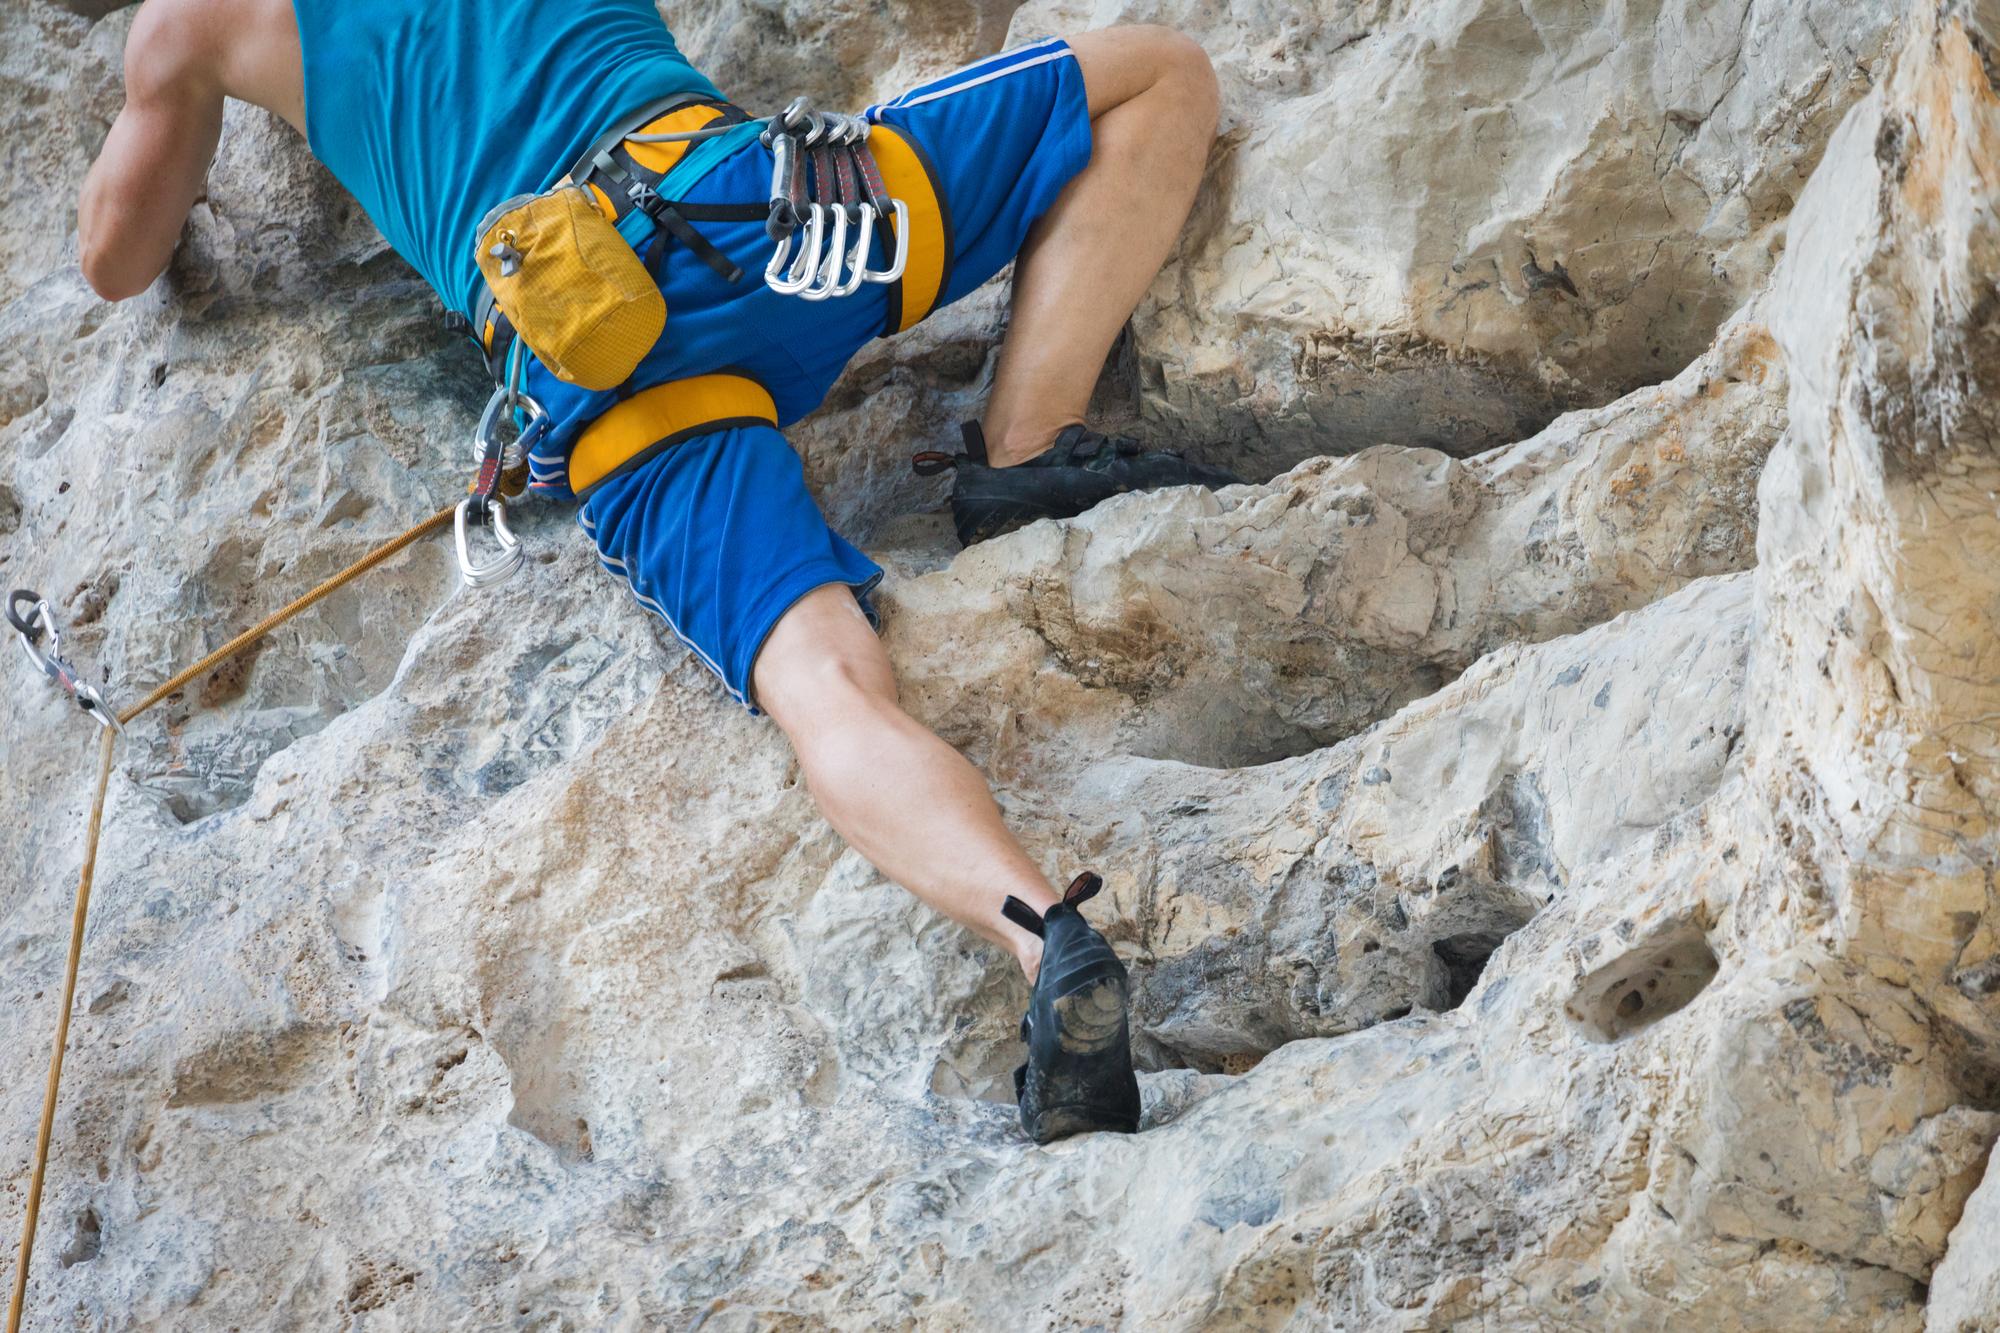 岩場歩きのトレーニングに!ロープを使ったルートクライミングのススメ&始めるための道具